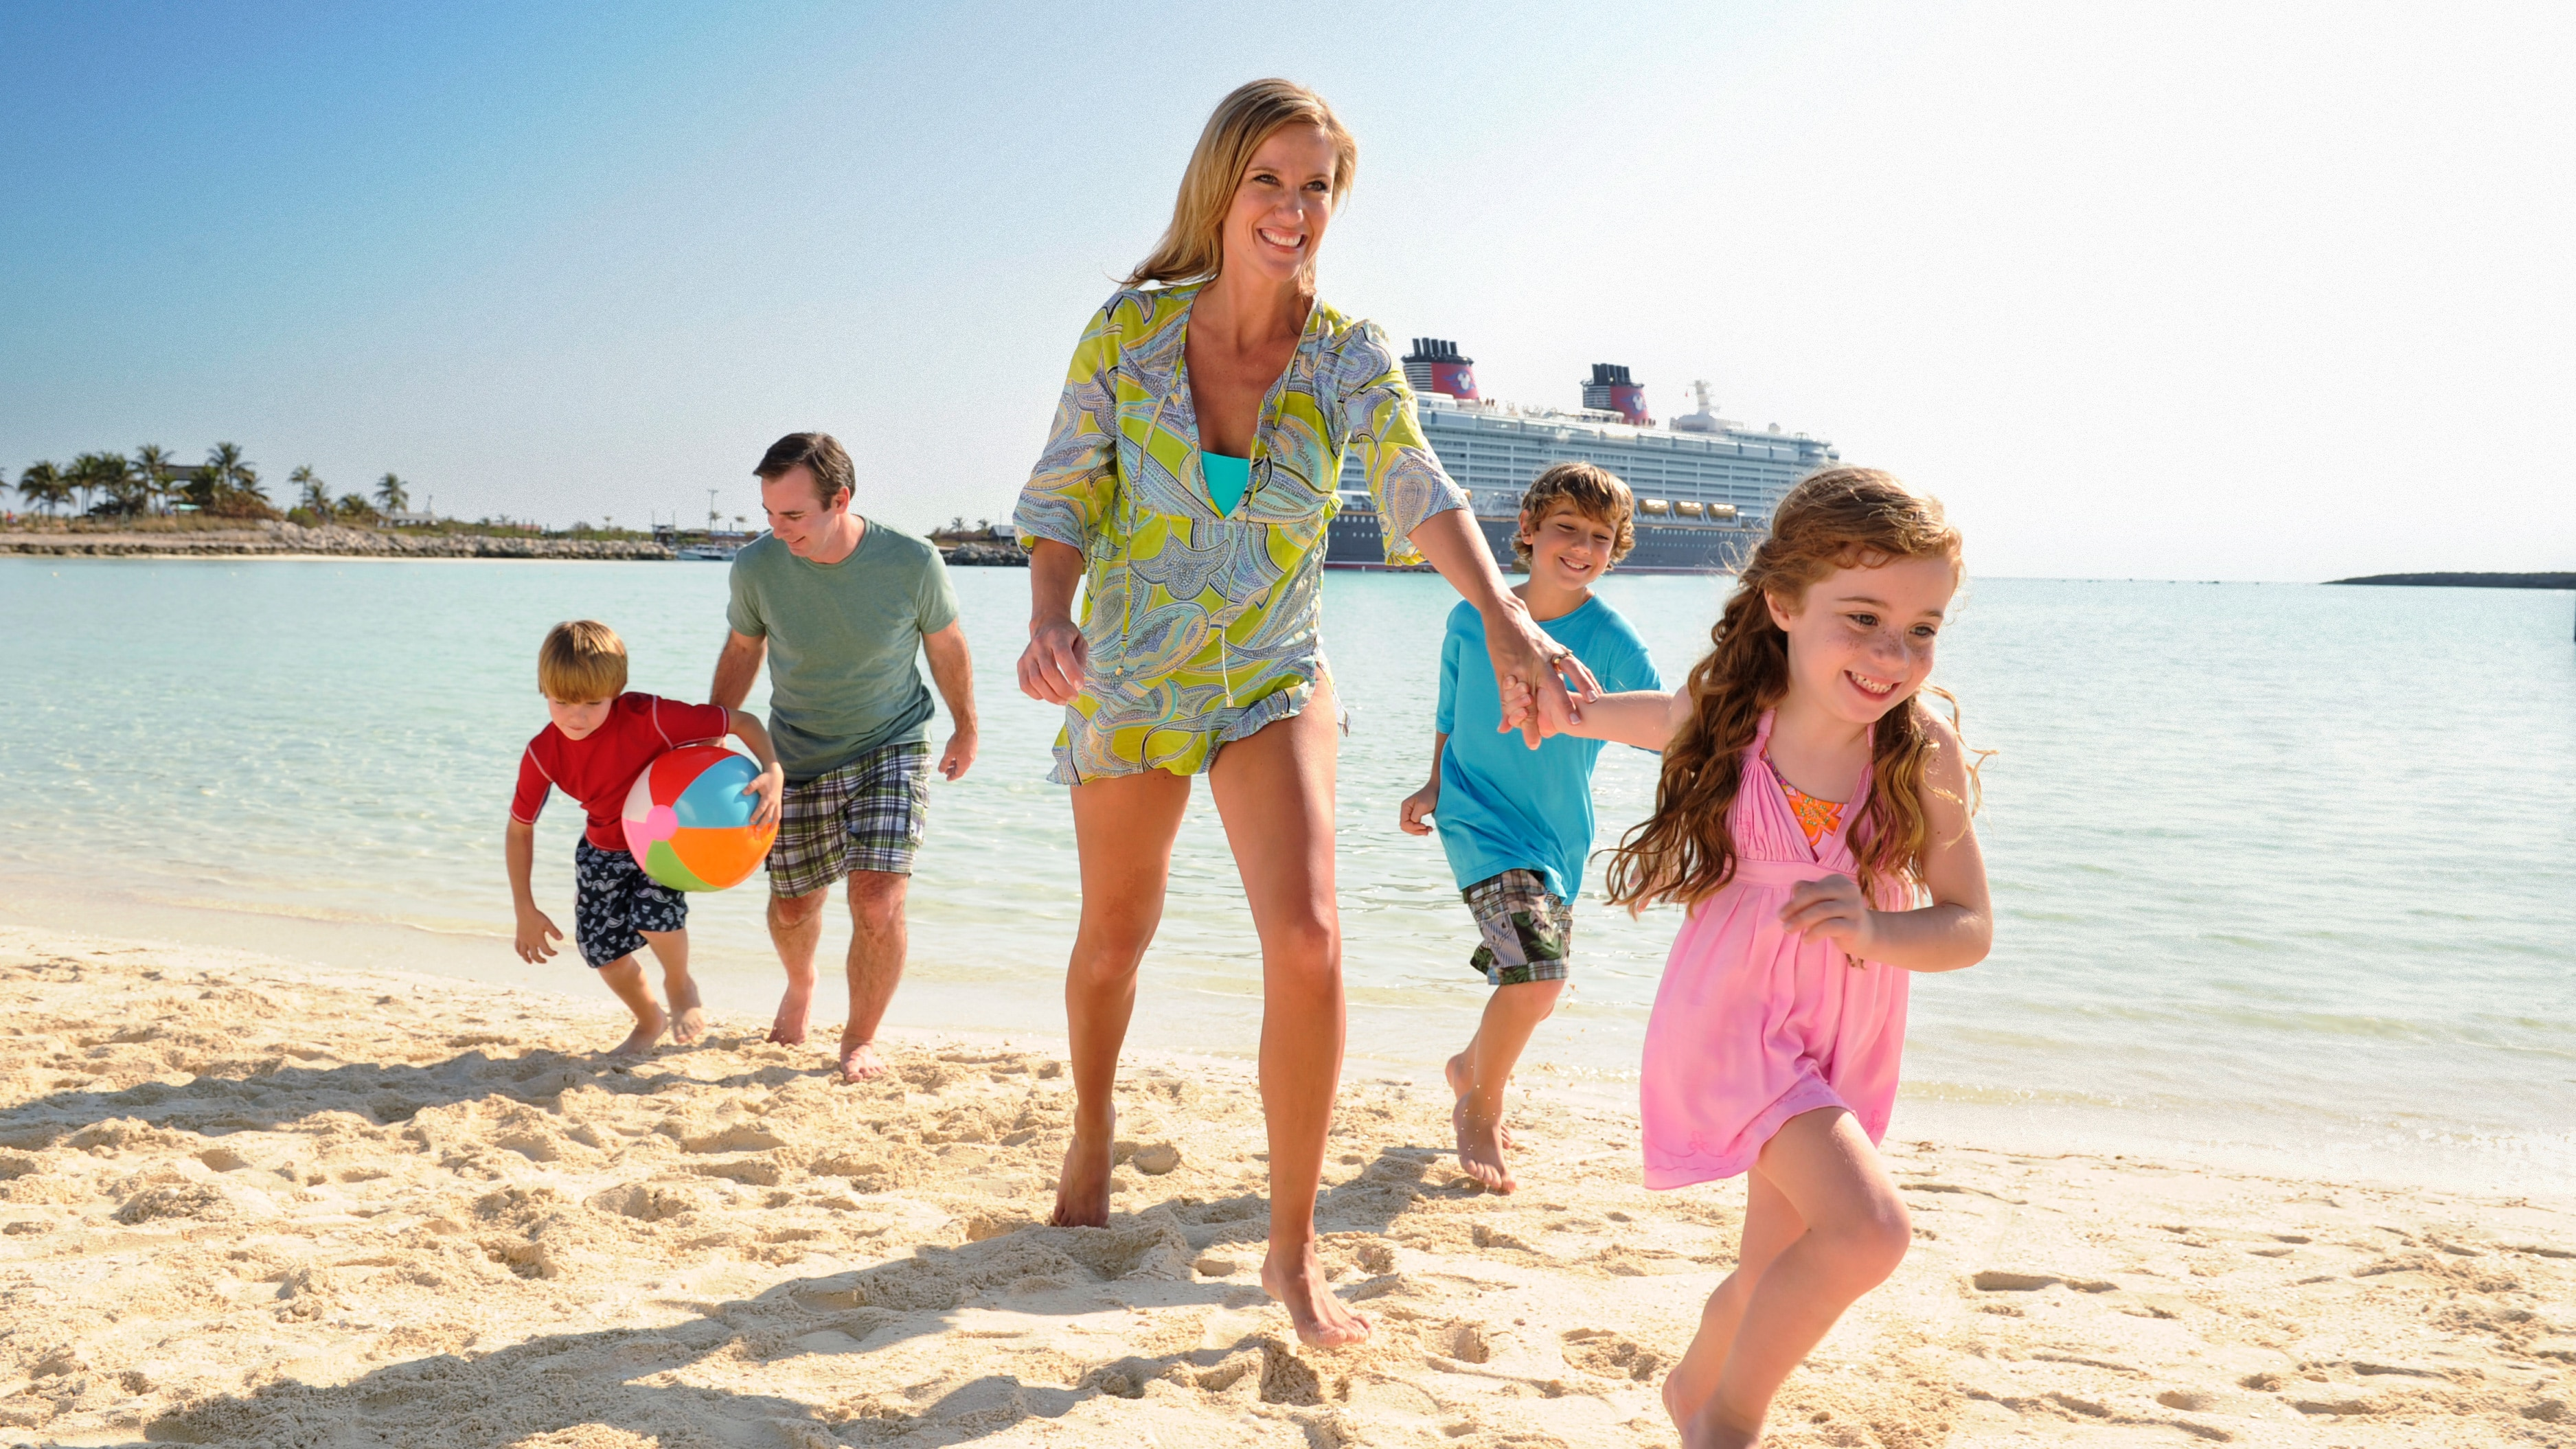 Uma família de 5 pessoas passeia em uma praia com um navio da Disney Cruise Line atracado ao fundo